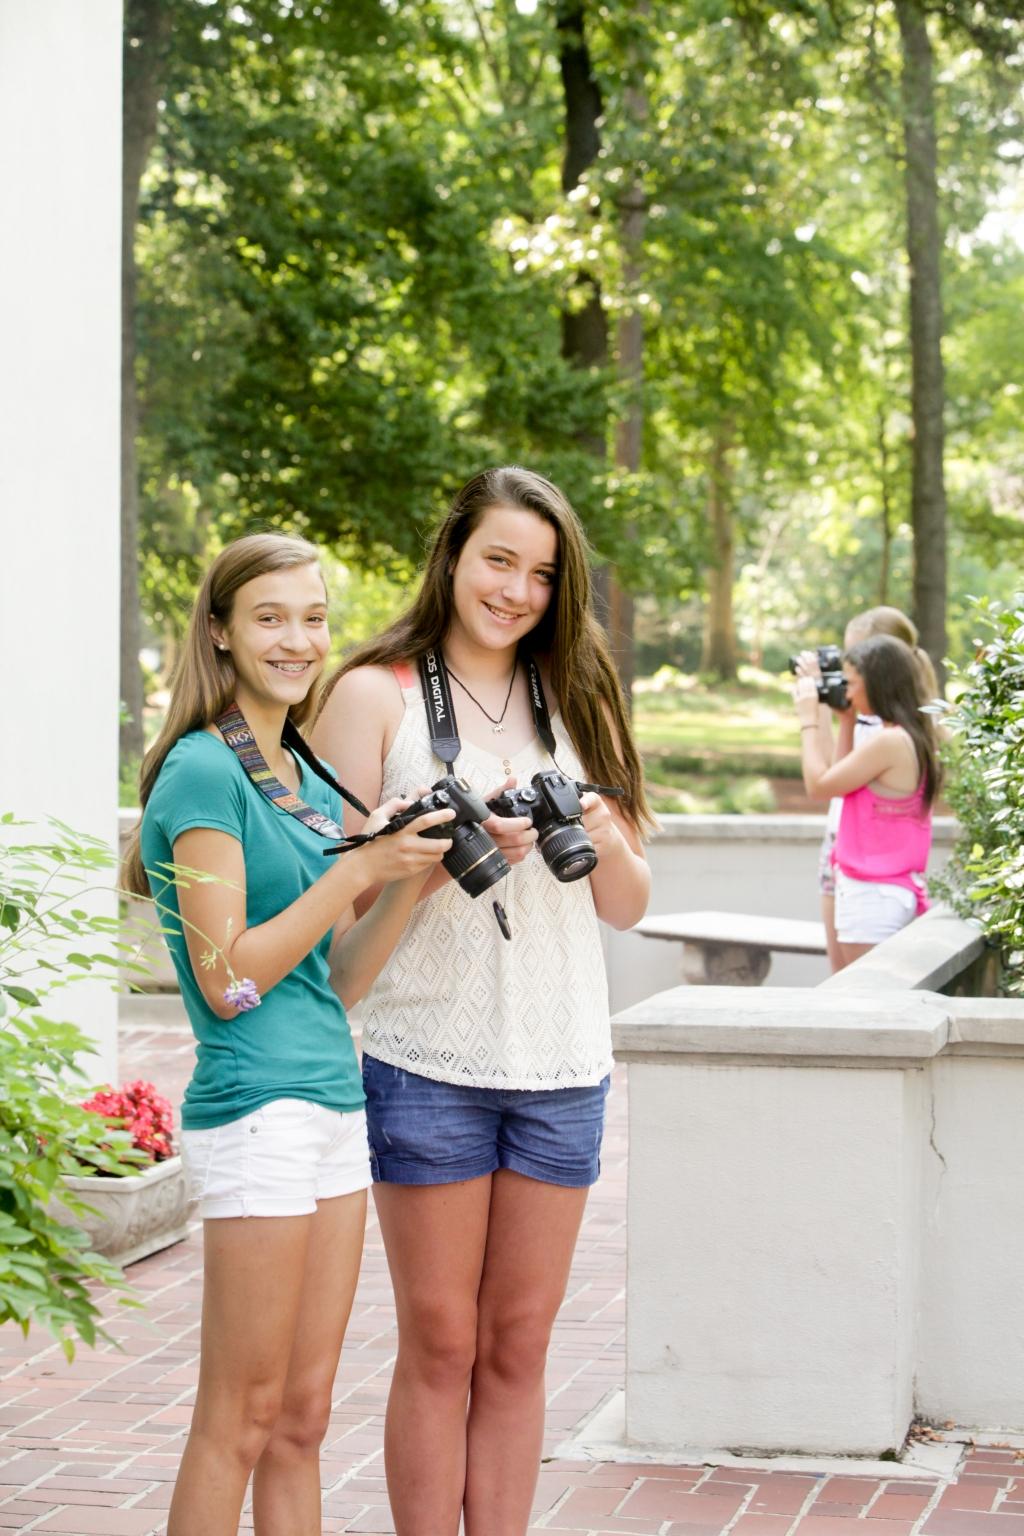 Teen Darkroom Photography Intensive Week 1 (Ages 13-16)